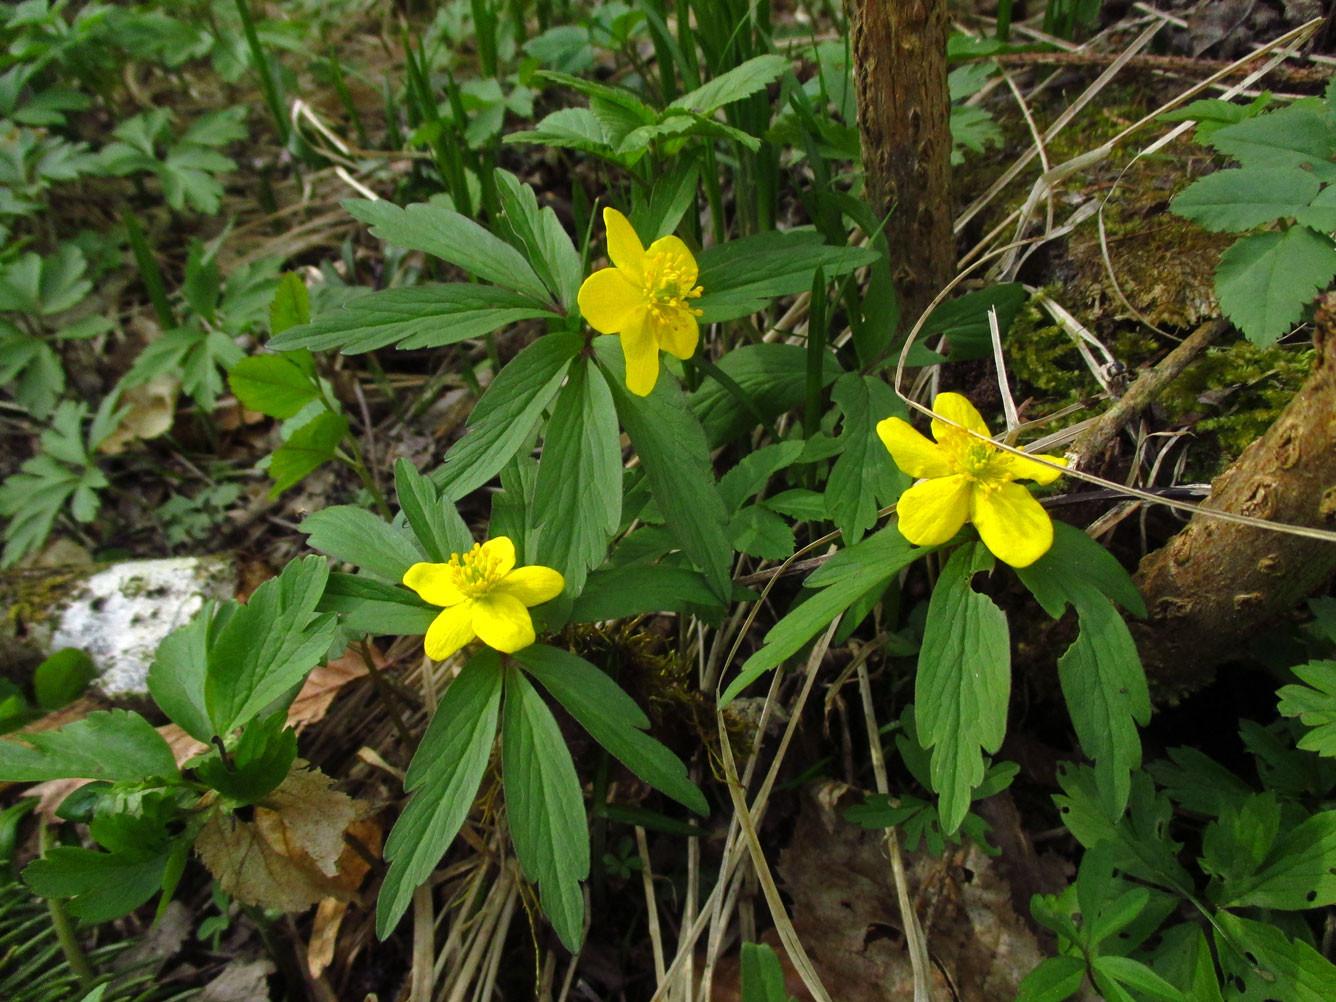 Gelb-Windröschen (Anemone ranunculoides) | Familie: Hahnenfußgewächse (Ranunculaceae) | giftig!